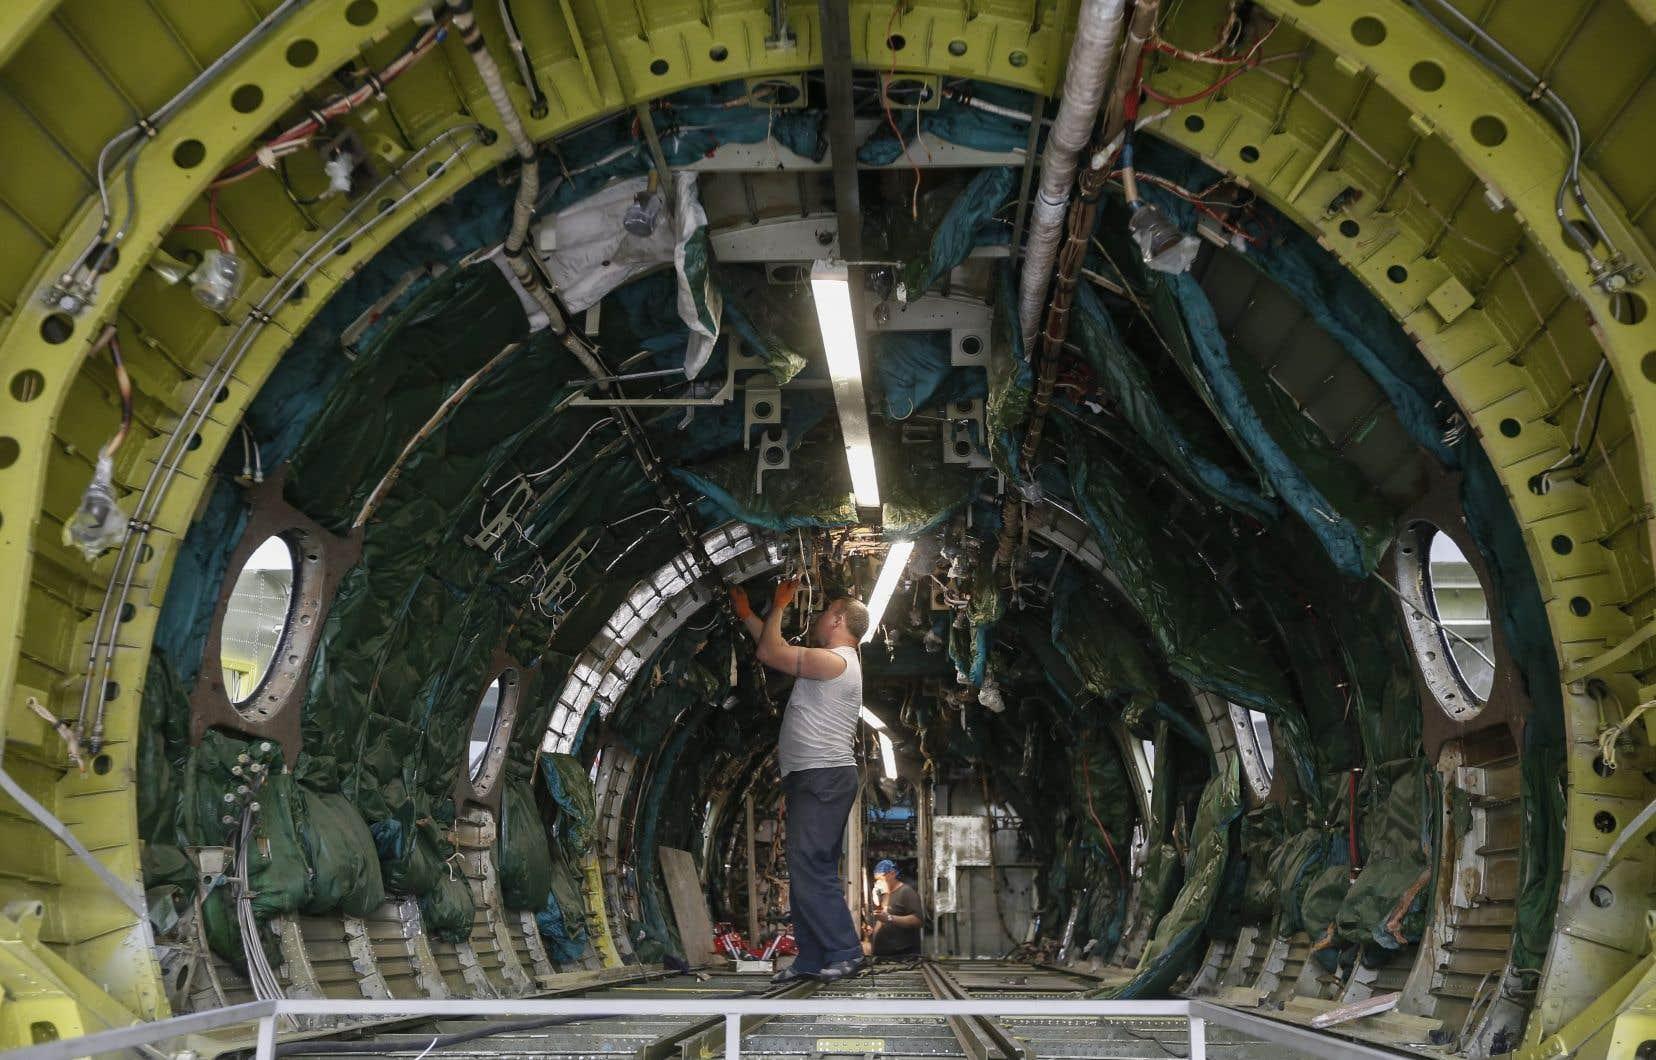 Avant la pandémie, on estimait qu'il faudrait pourvoir un peu plus de 63000 postes d'ici 10ans dans l'industrie aérospatiale au Québec. Une révision de ce chiffre sera publiée en novembre.